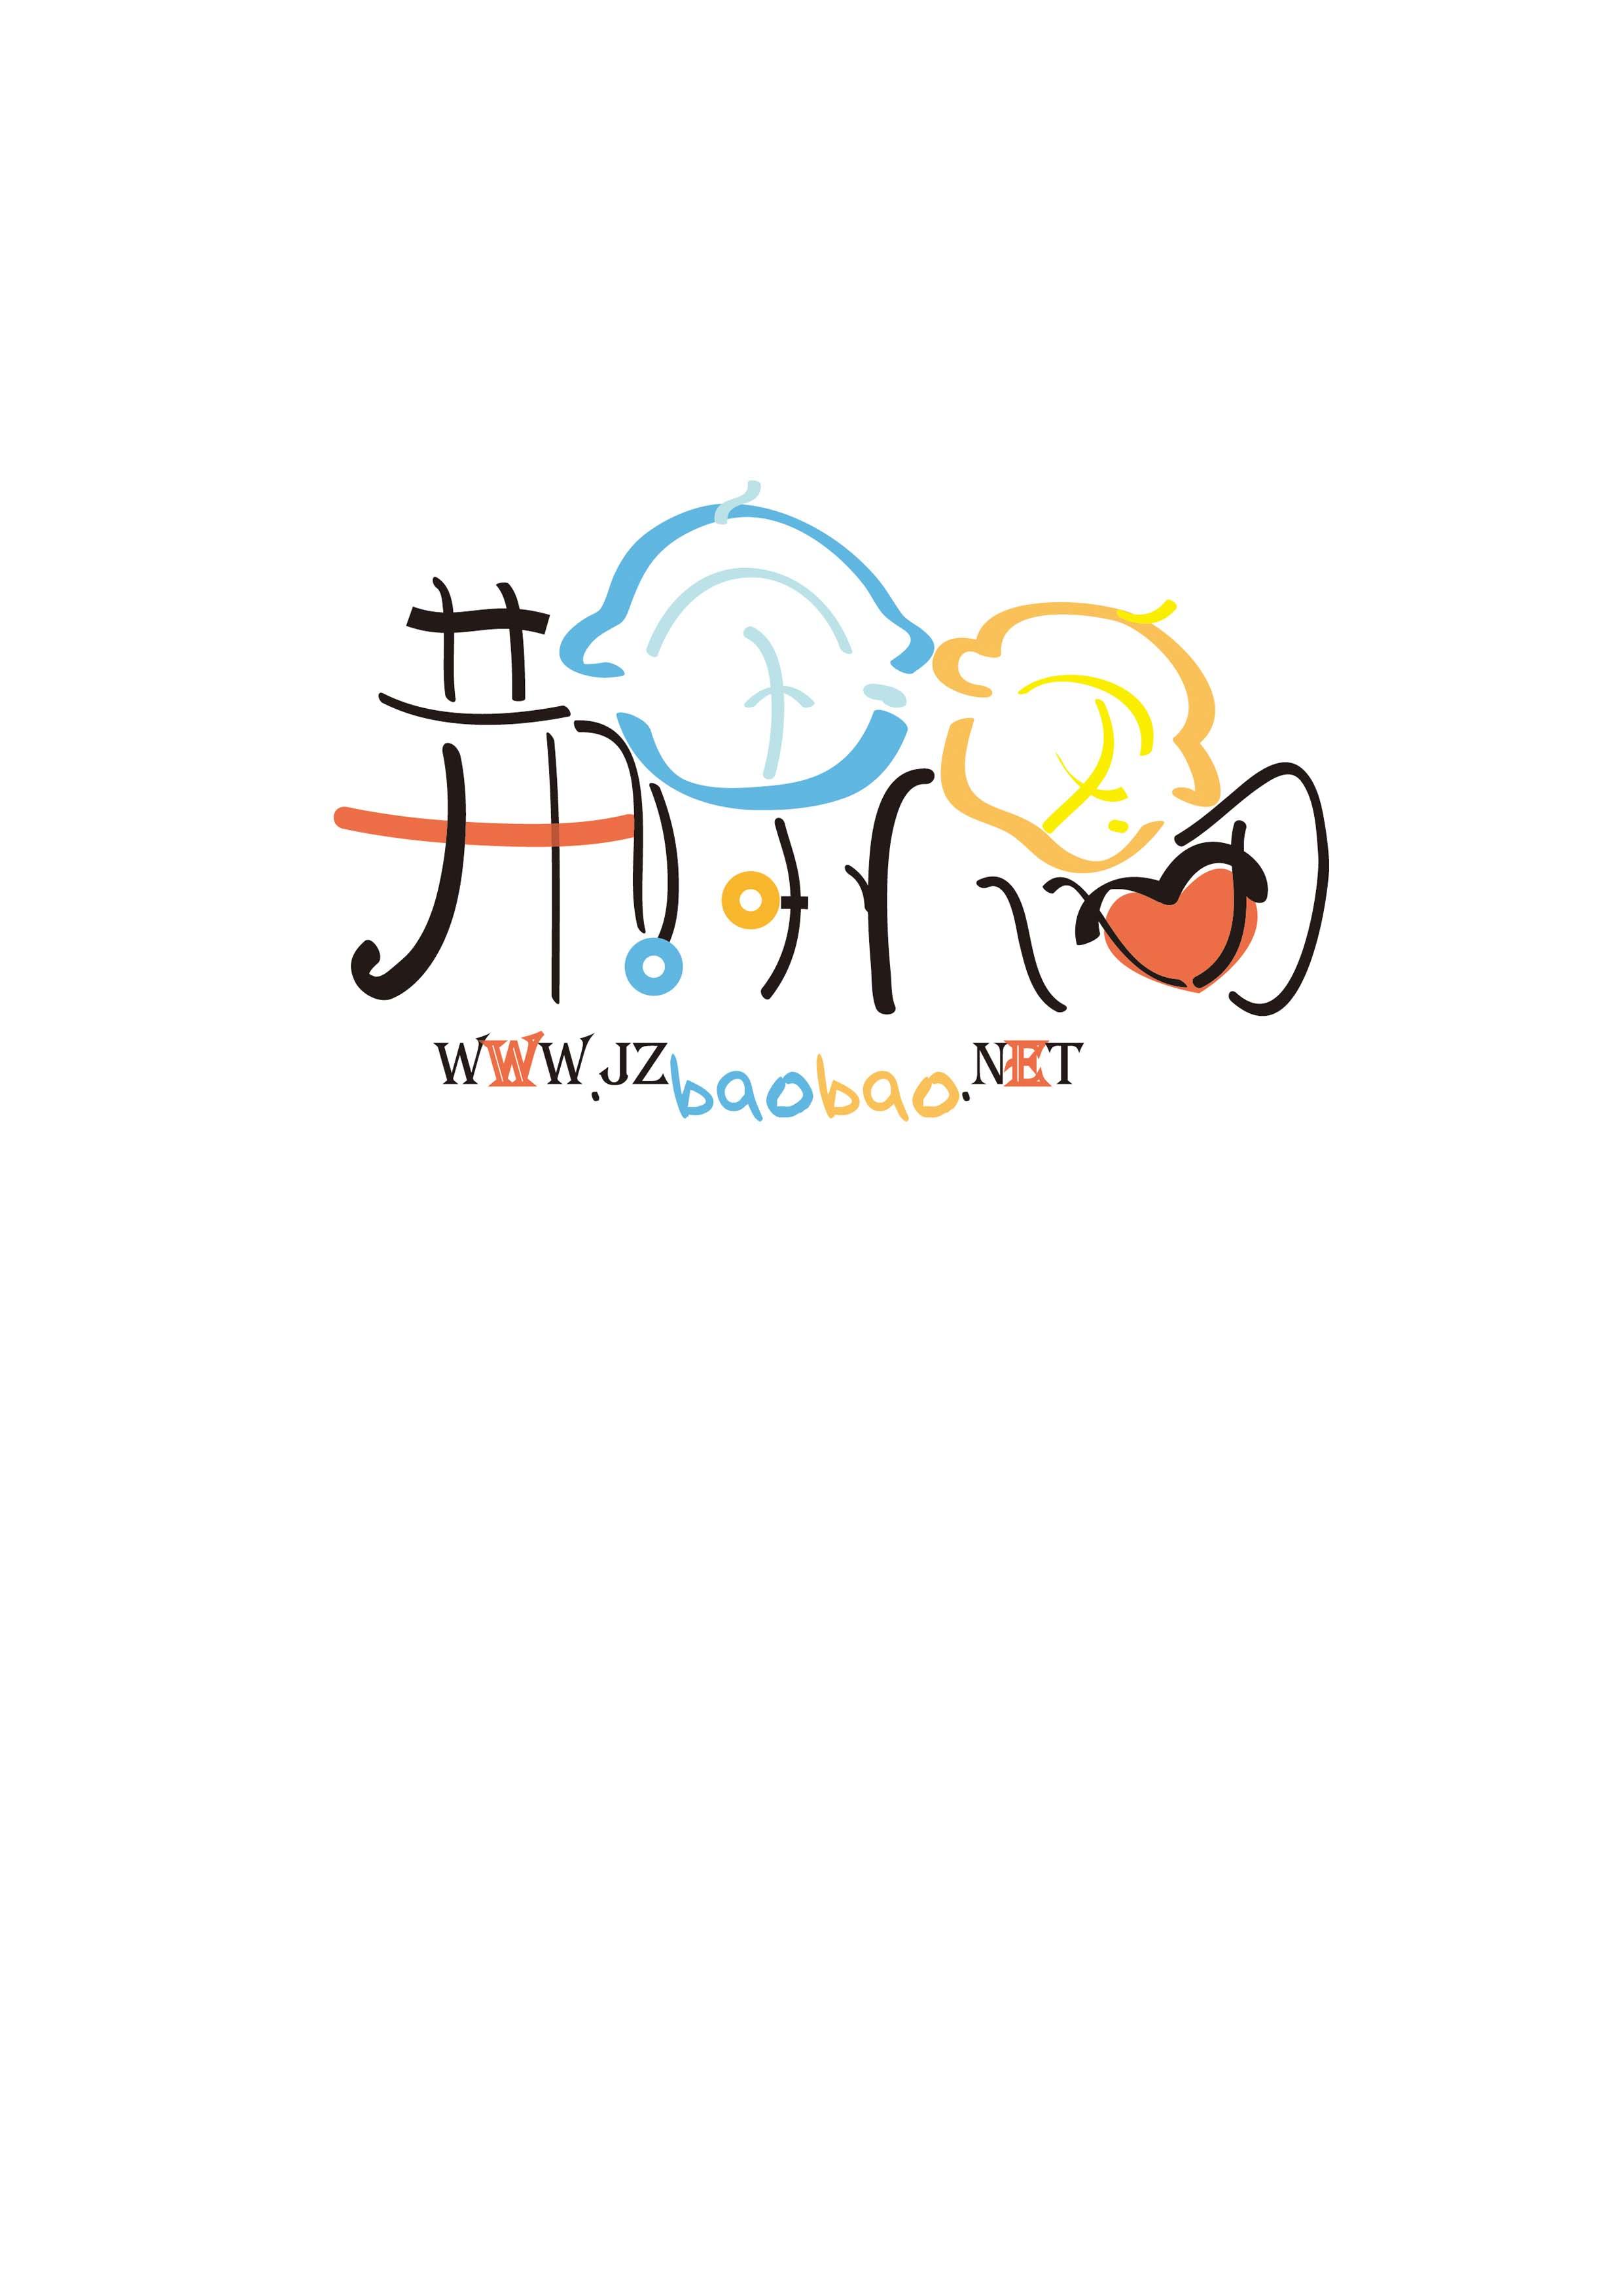 荆州宝宝网logo设计